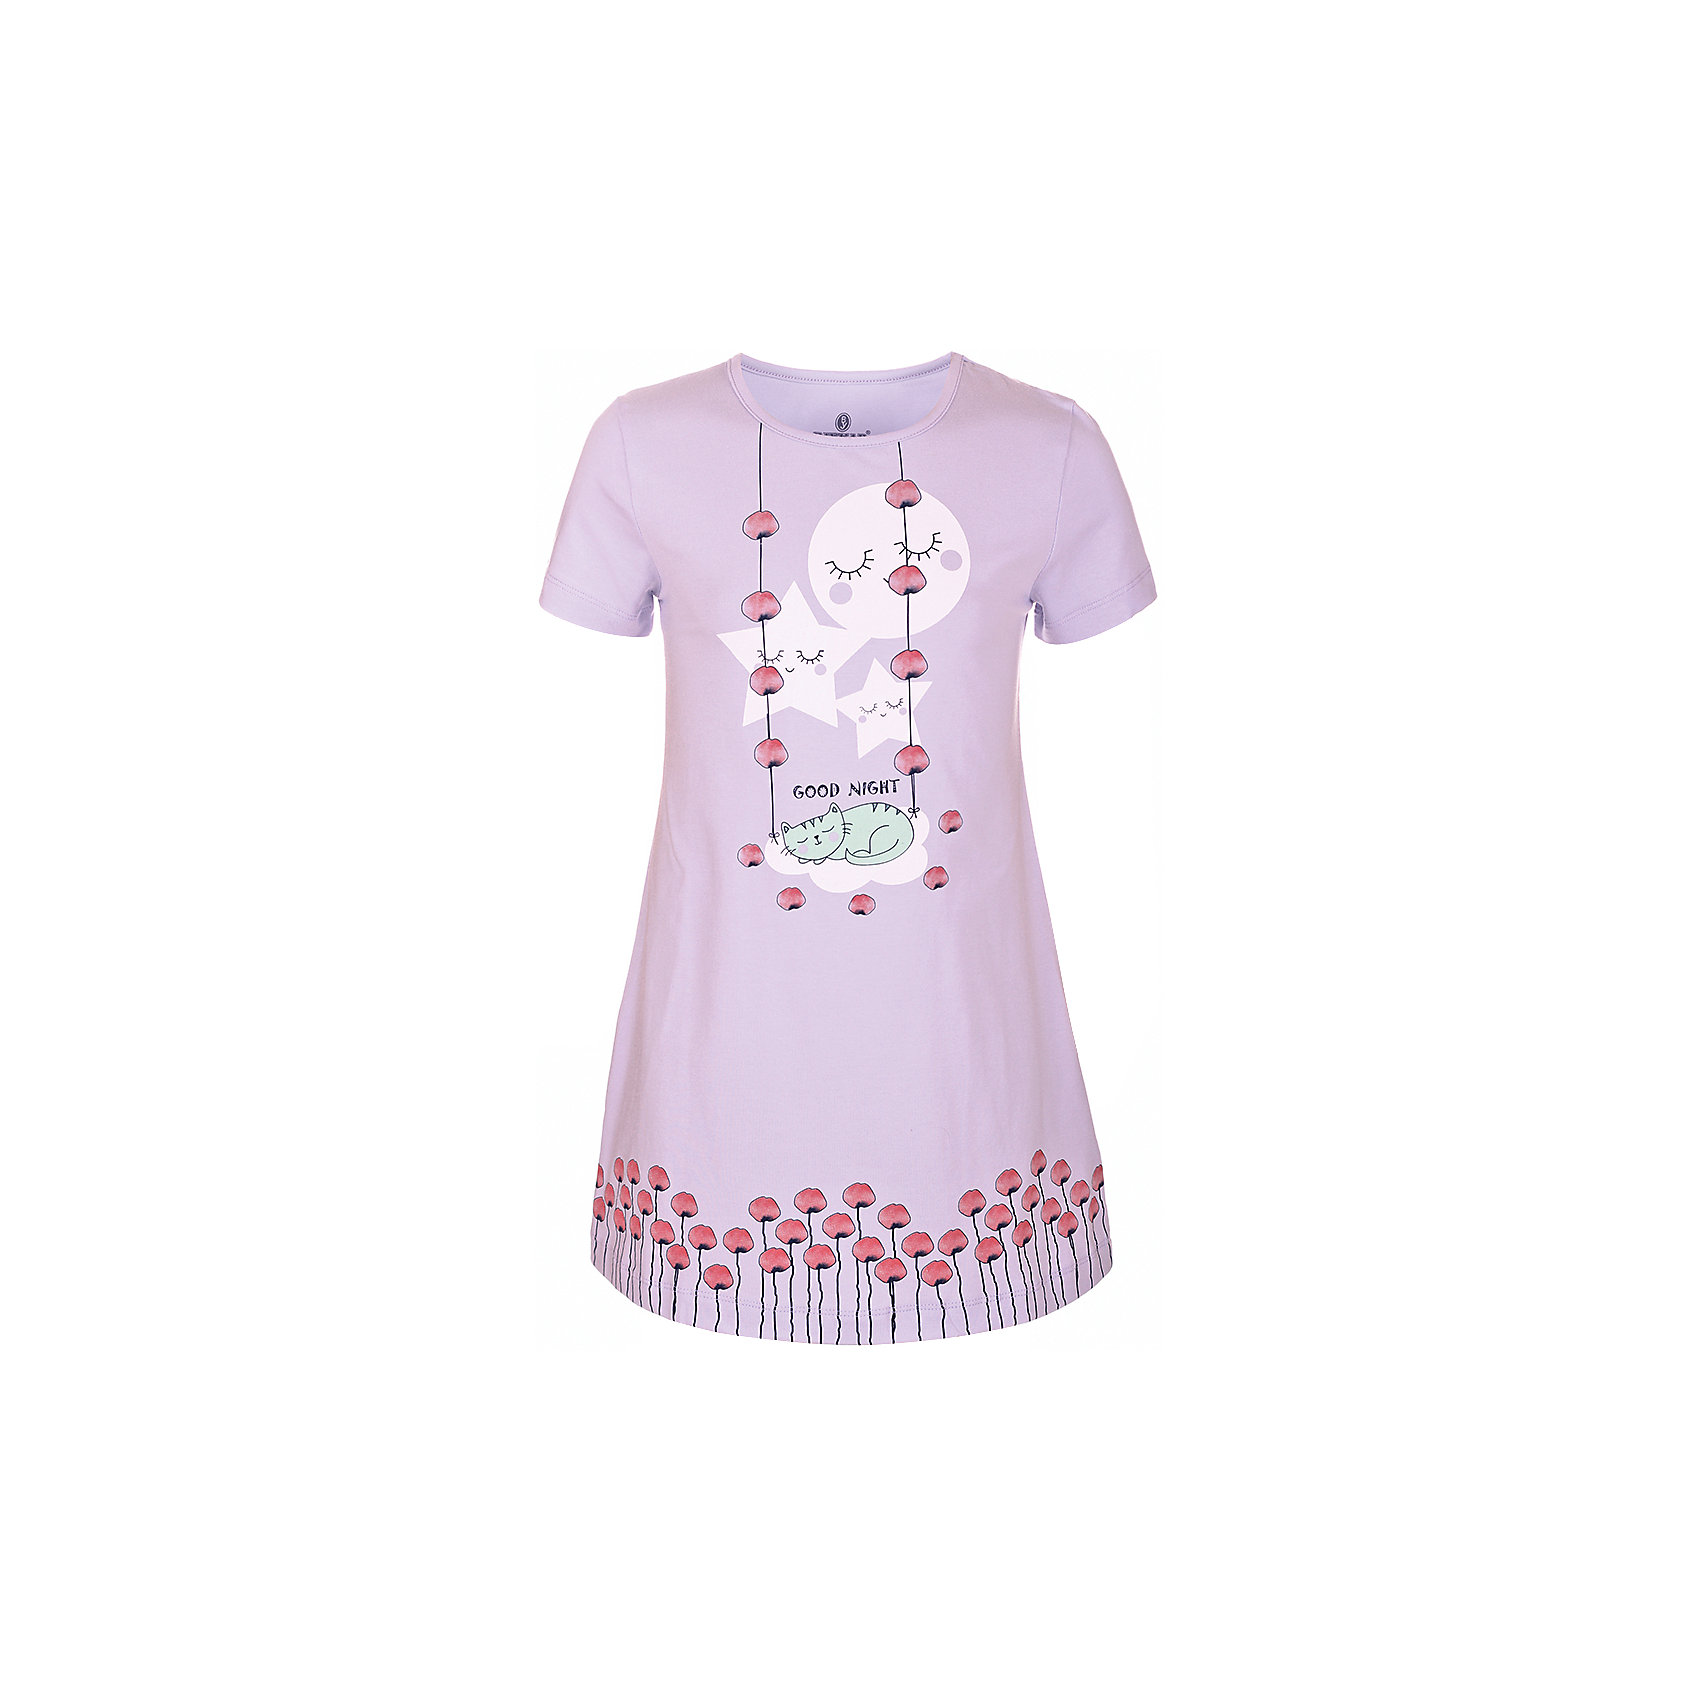 Сорочка для девочки BaykarПижамы и сорочки<br>Характеристики товара:<br><br>• цвет: сиреневый<br>• состав ткани: 95% хлопок; 5% эластан<br>• короткие рукава<br>• сезон: круглый год<br>• страна бренда: Турция<br>• страна изготовитель: Турция<br><br>Сиреневая сорочка для девочки позволяет обеспечить комфортный сон. Эта одежда для сна сделана из мягкого дышащего материала. <br><br>Продуманный крой обеспечивает комфортную посадку. Сорочка для девочки Baykar украшена симпатичным принтом.<br><br>Сорочку для девочки Baykar (Байкар) можно купить в нашем интернет-магазине.<br><br>Ширина мм: 281<br>Глубина мм: 70<br>Высота мм: 188<br>Вес г: 295<br>Цвет: розовый<br>Возраст от месяцев: 96<br>Возраст до месяцев: 108<br>Пол: Женский<br>Возраст: Детский<br>Размер: 128/134,134/140,140/146,122/128<br>SKU: 6764876